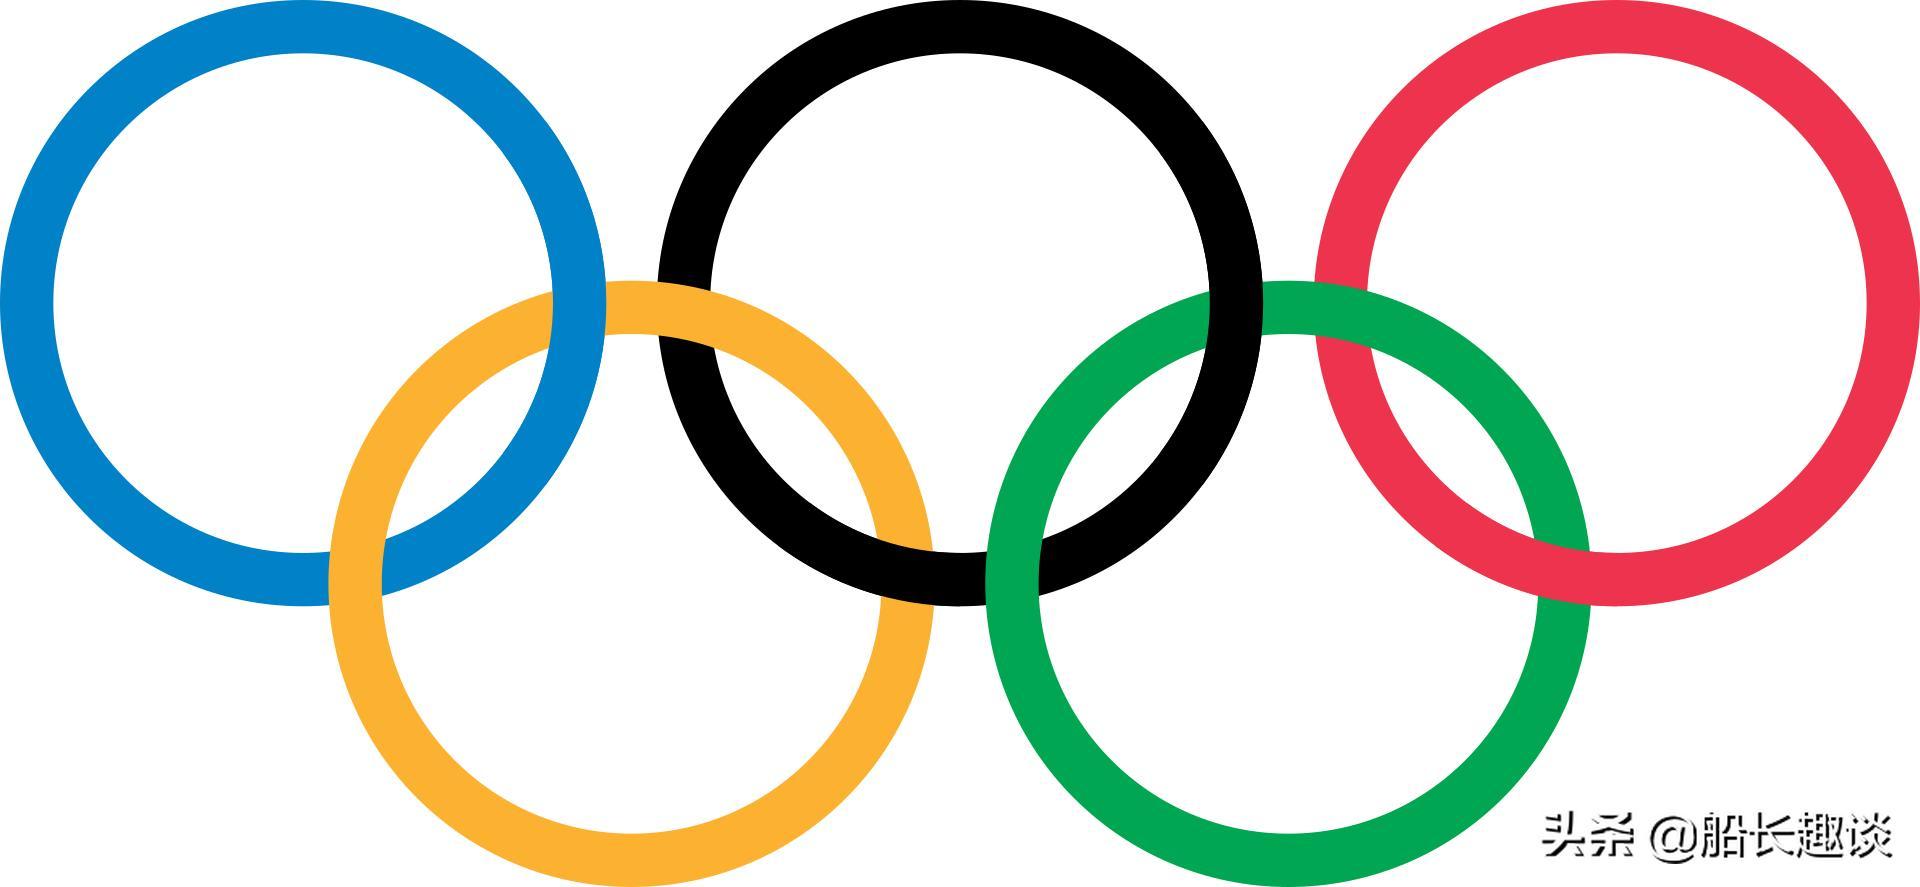 现代奥林匹克之父(被称为现代奥林匹克之父的是谁)